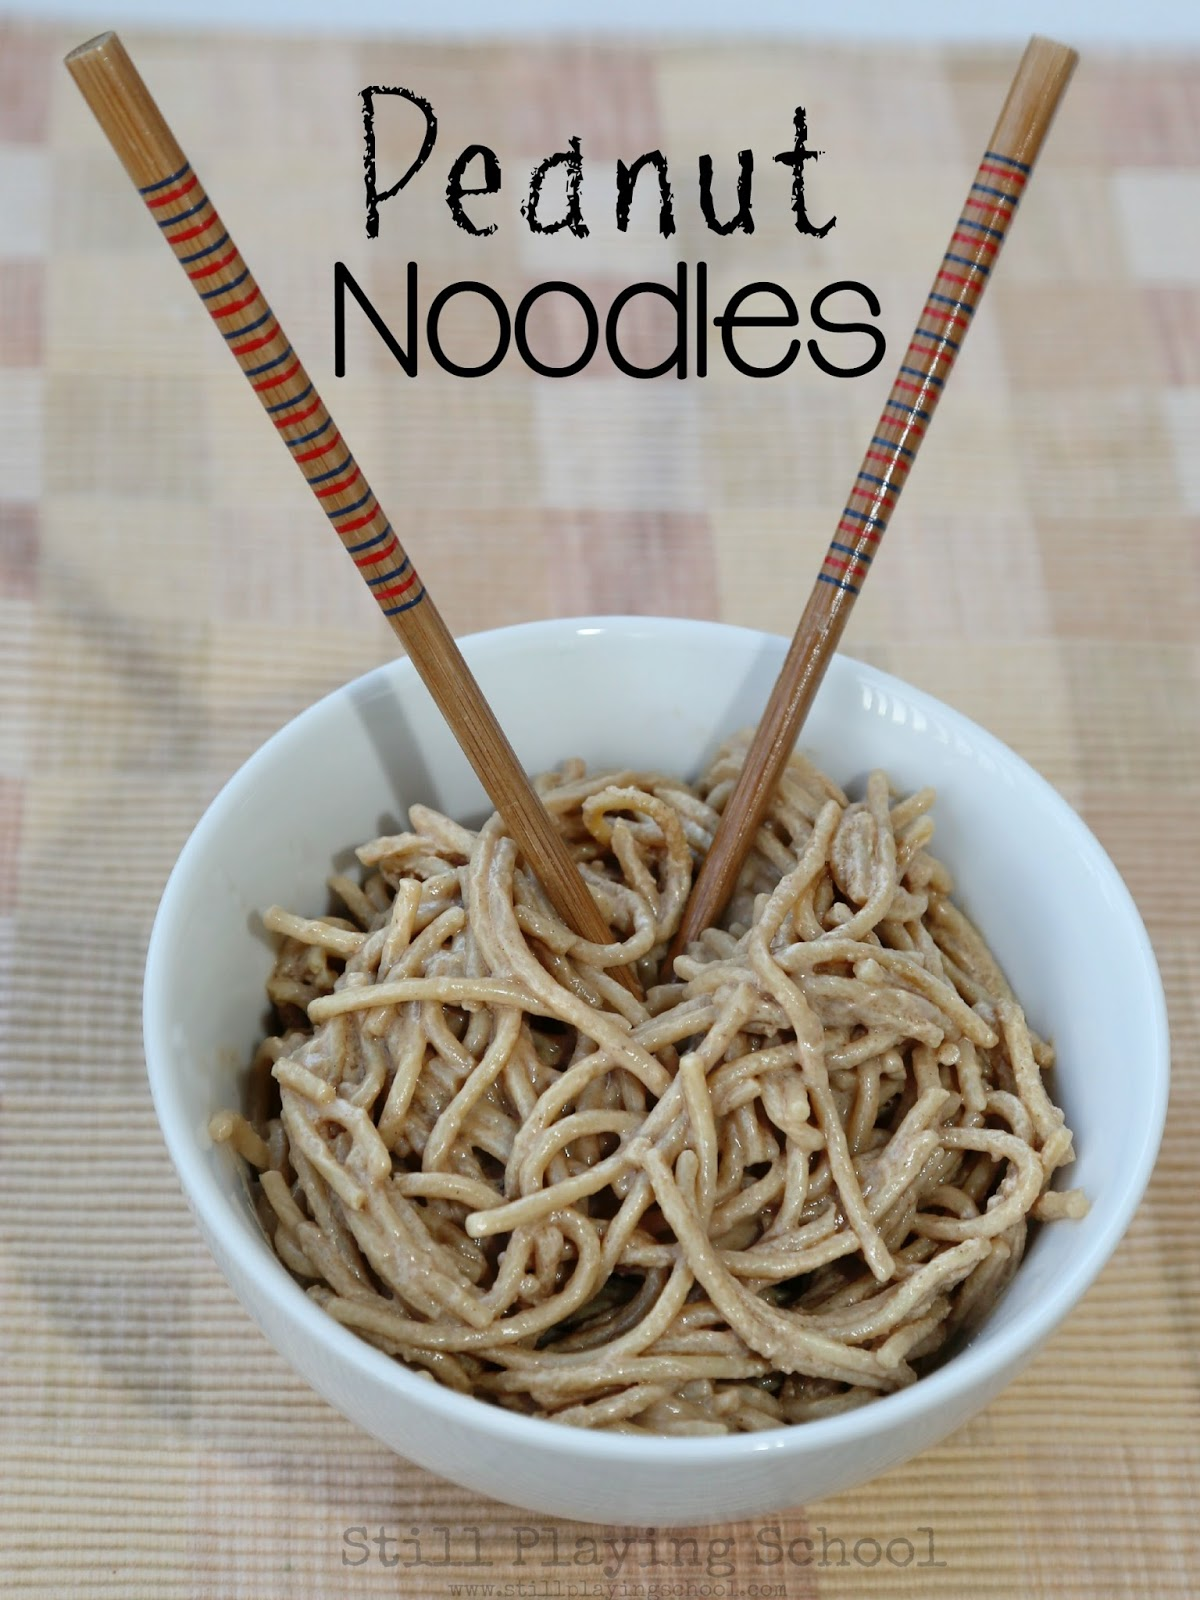 Peanut Noodles | Still Playing School